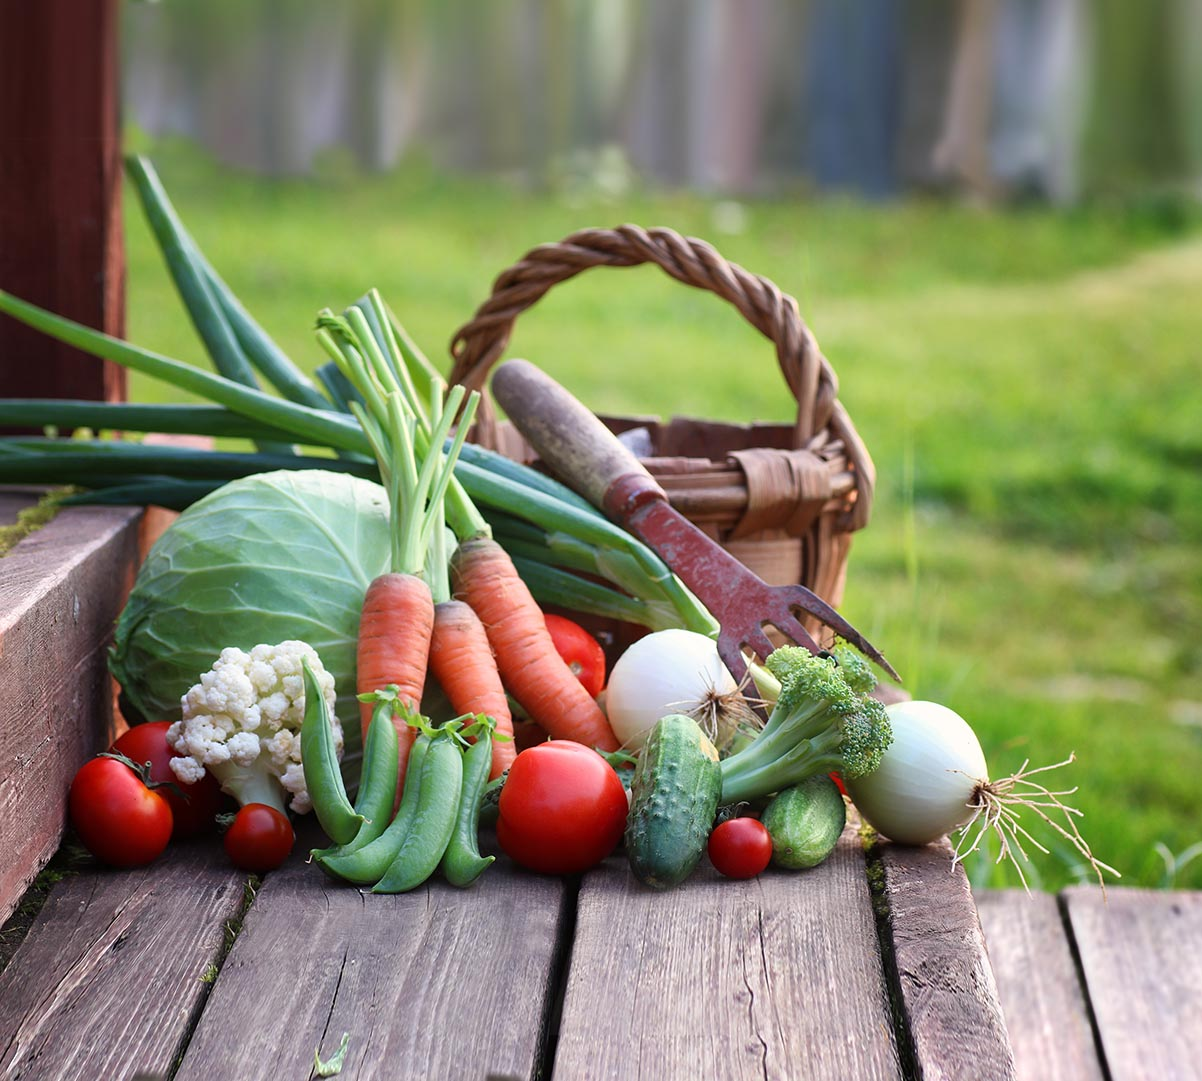 Lebensmittel als Mittel zum Leben